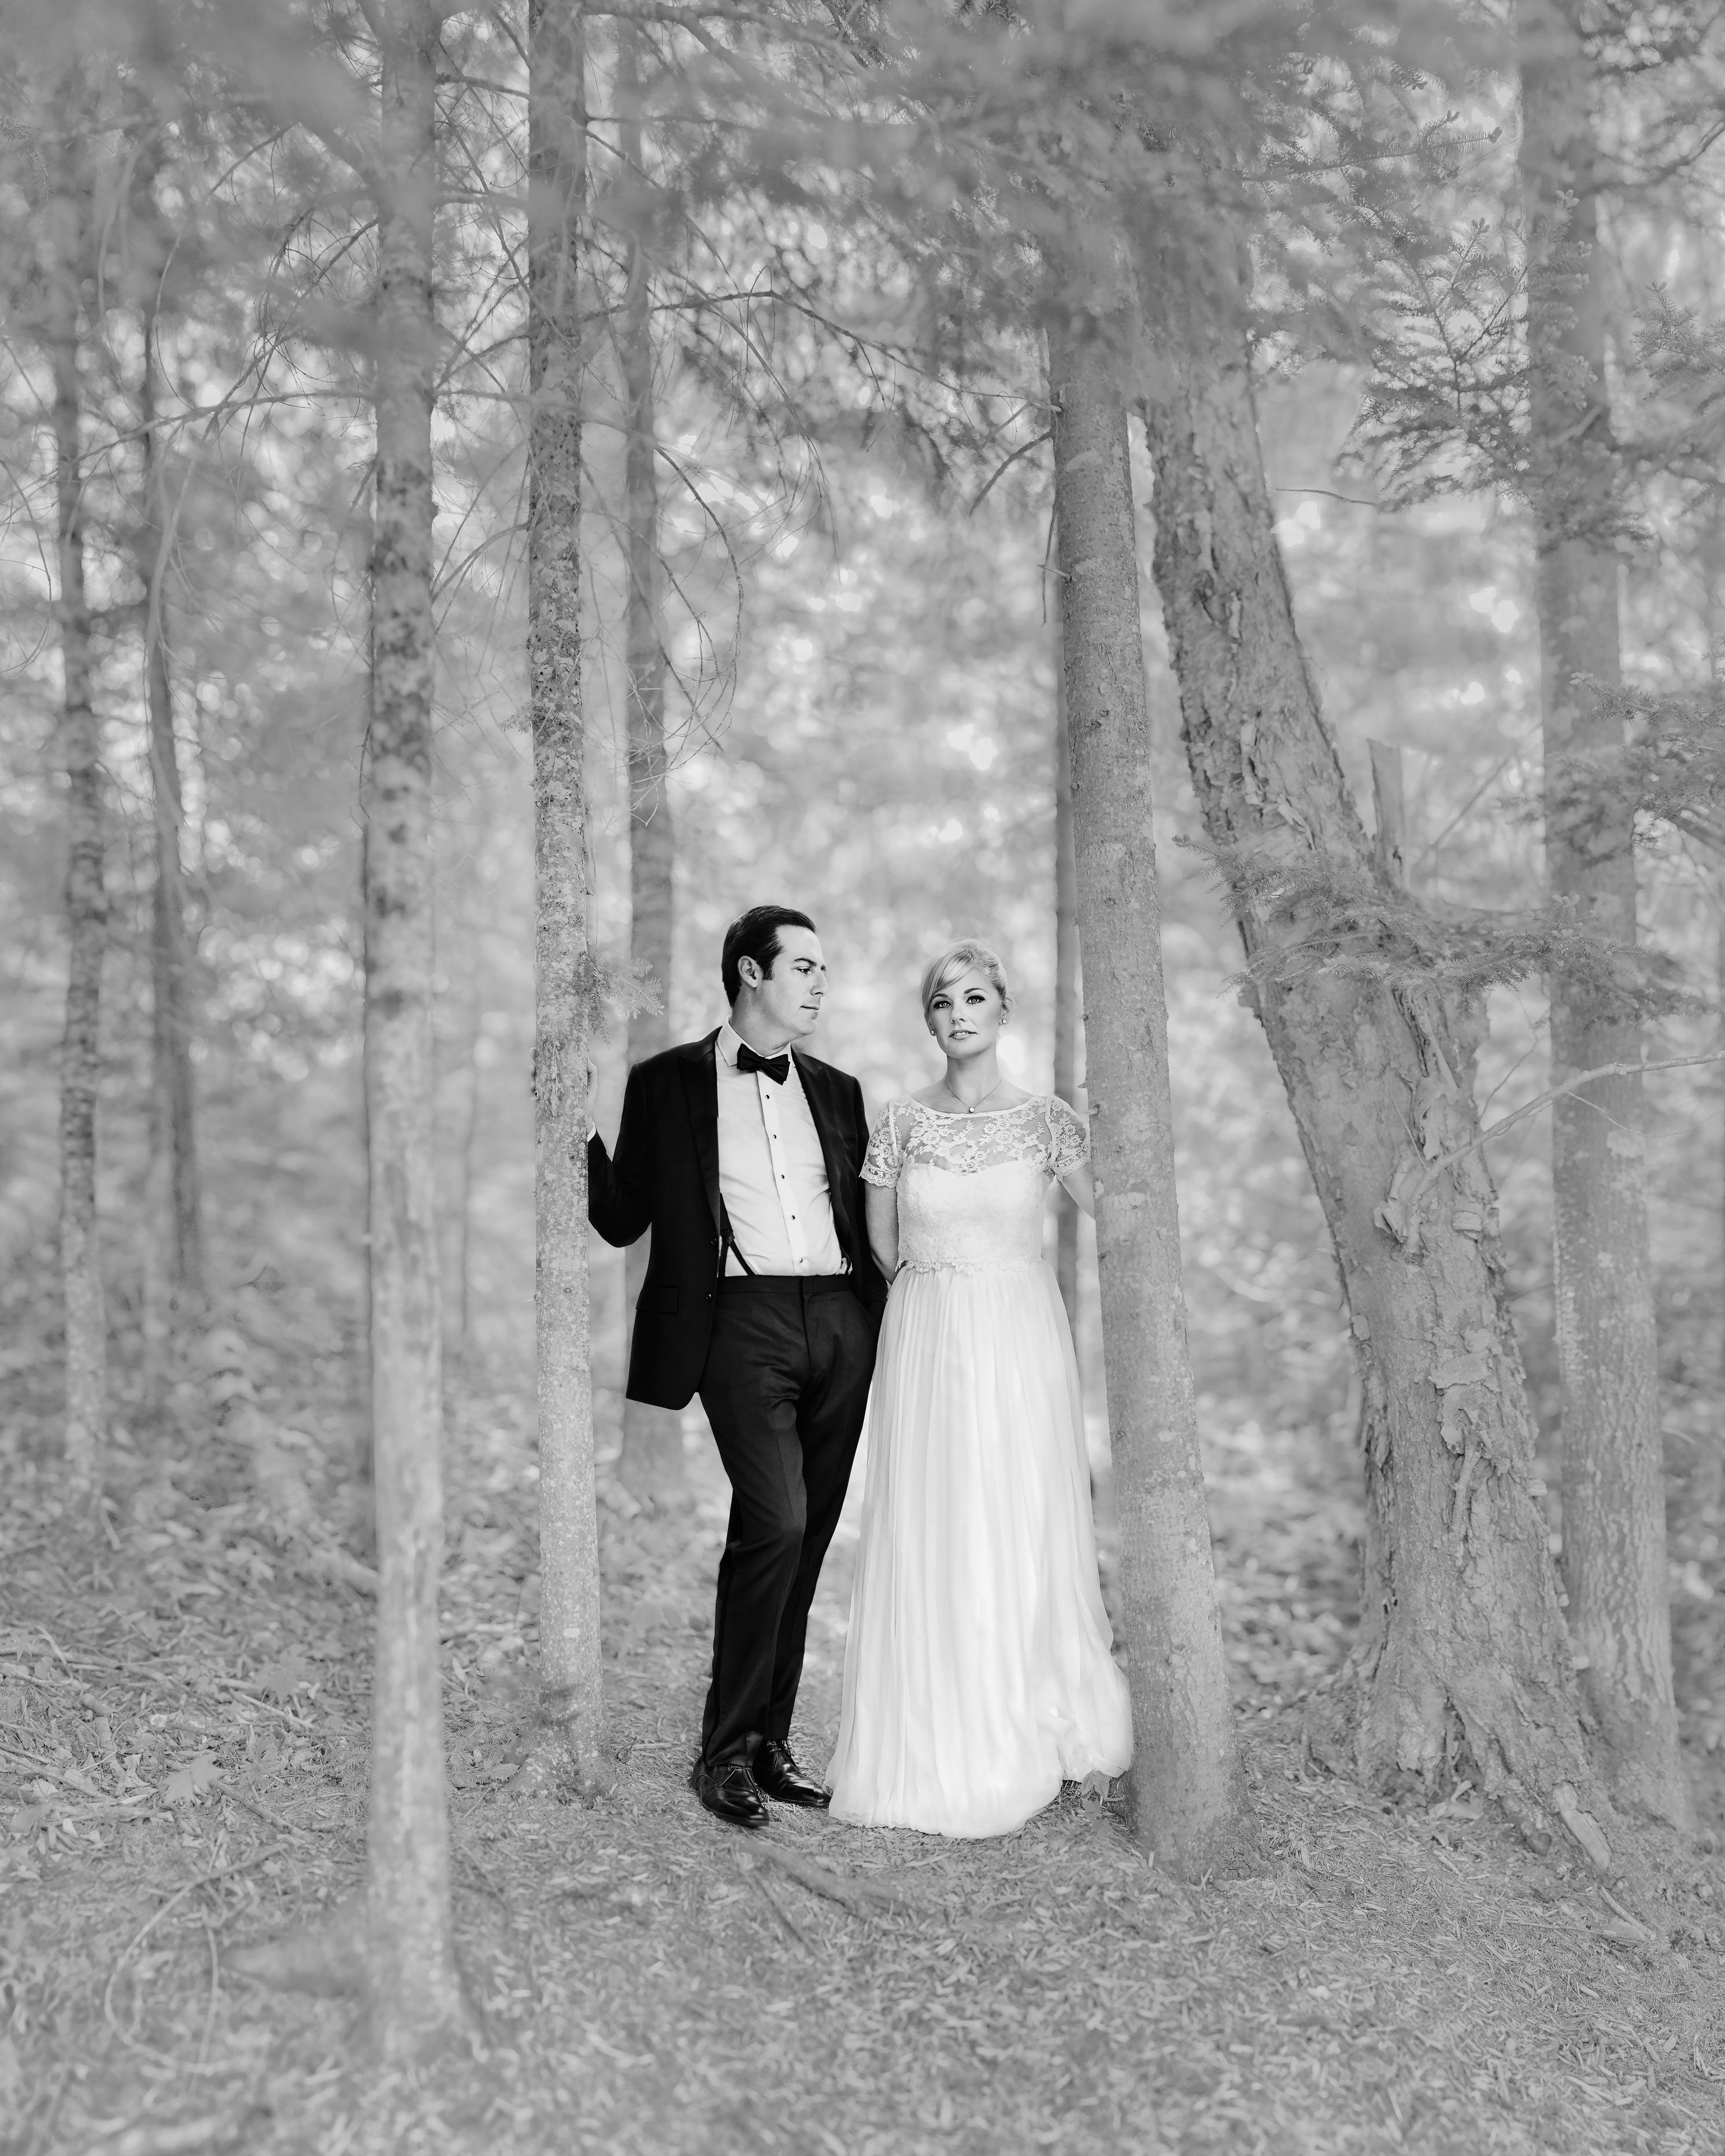 ryan-alan-wedding-couple-04-1-s112966-0516.jpg